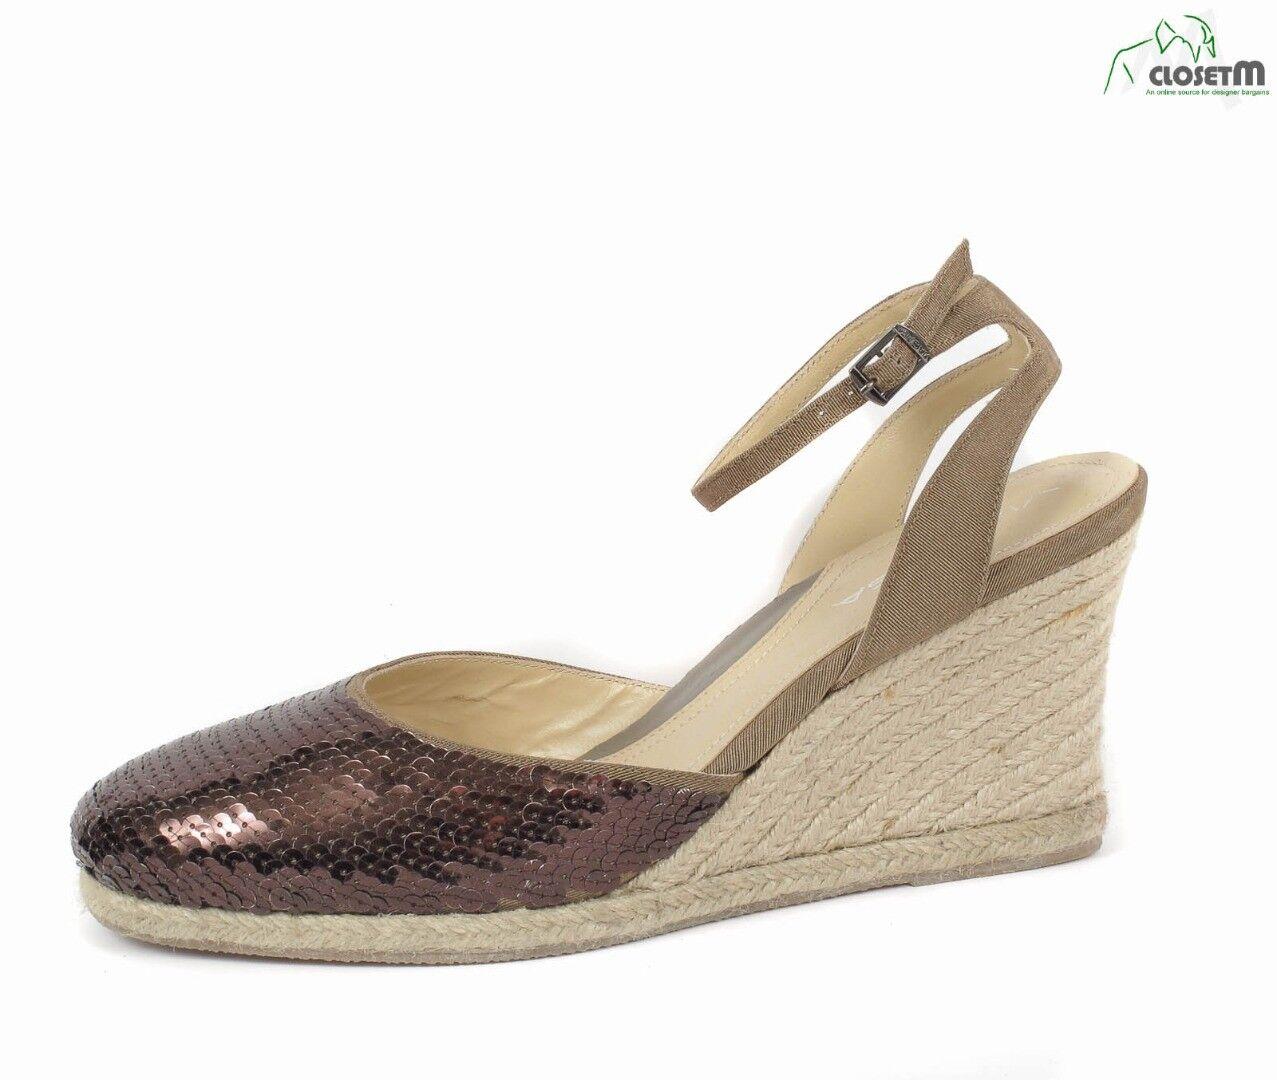 Nuevo Via Via Via Spiga  Larky  marrón con lentejuelas y Correa en el Tobillo Cuña Tacón Zapatos Talla 8 M  los clientes primero